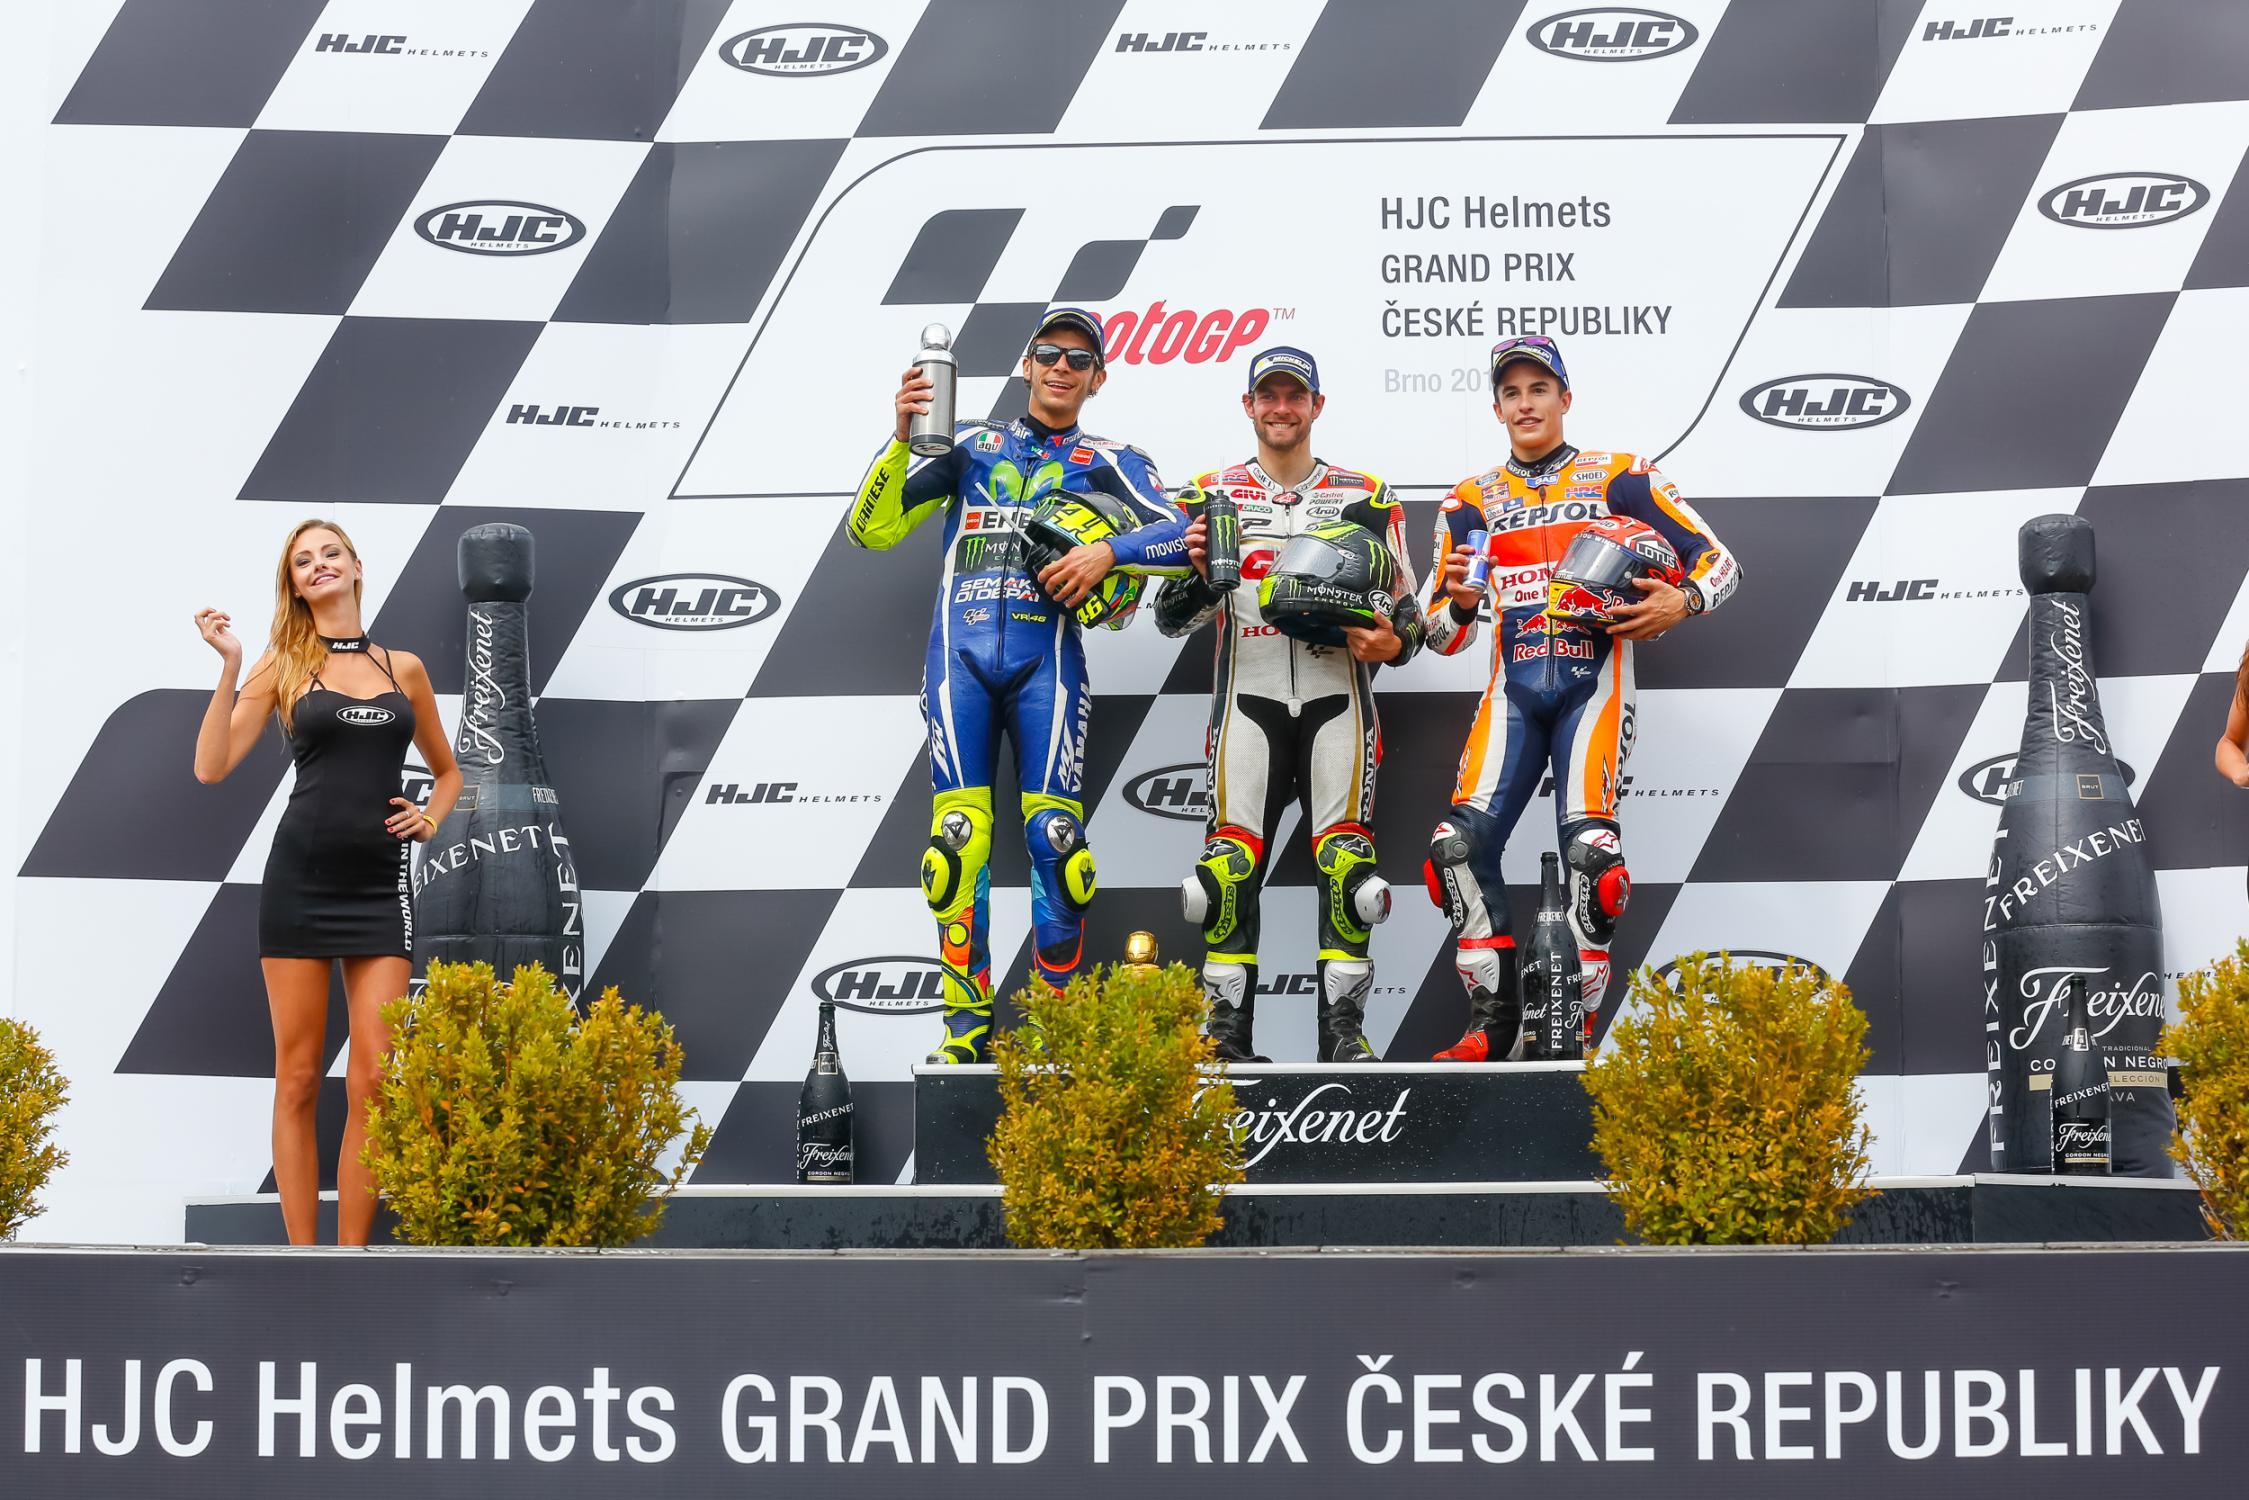 brno motogp 2016 podium